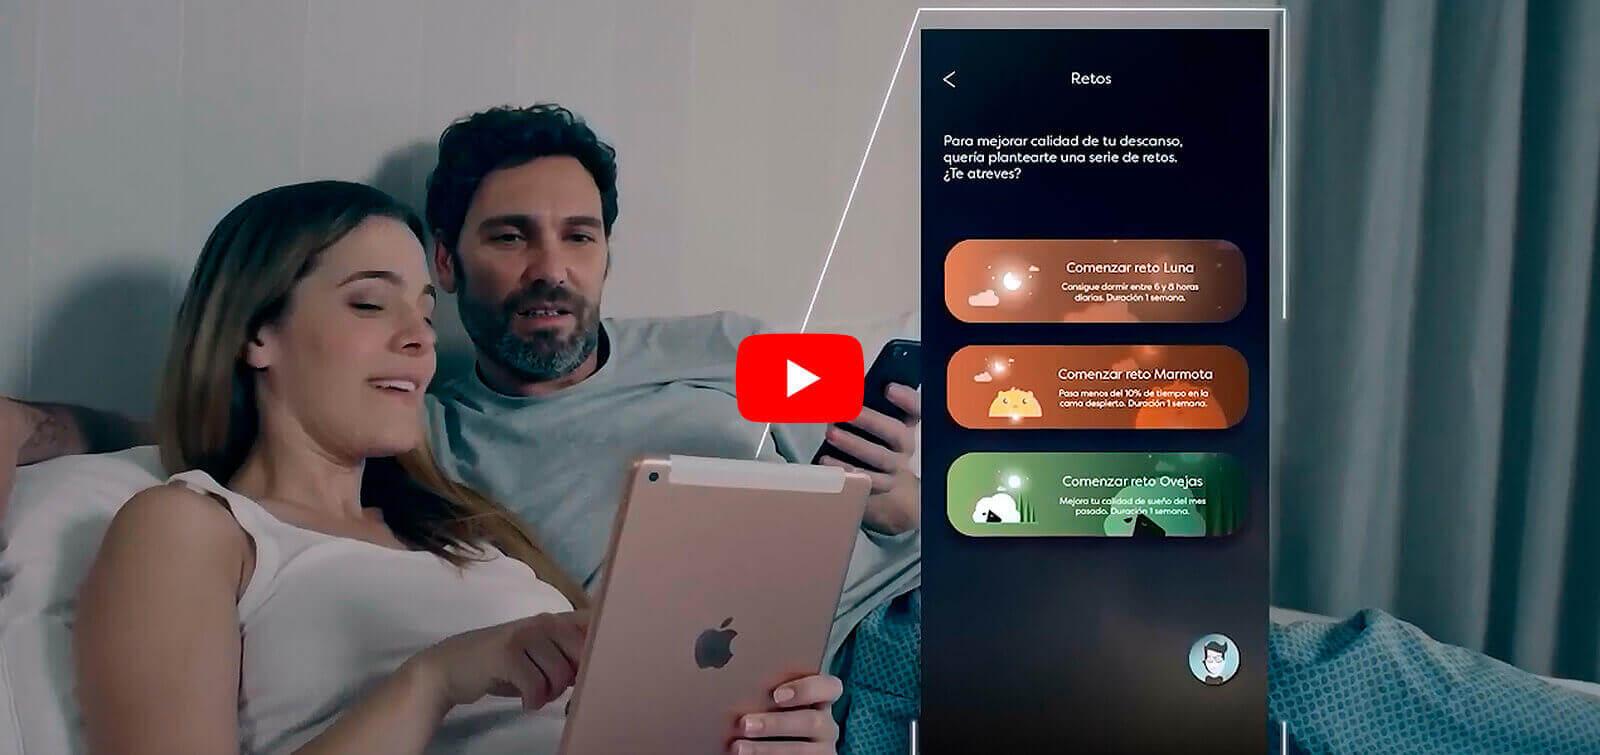 Colchón inteligente pikolin, con la tecnología smartpik